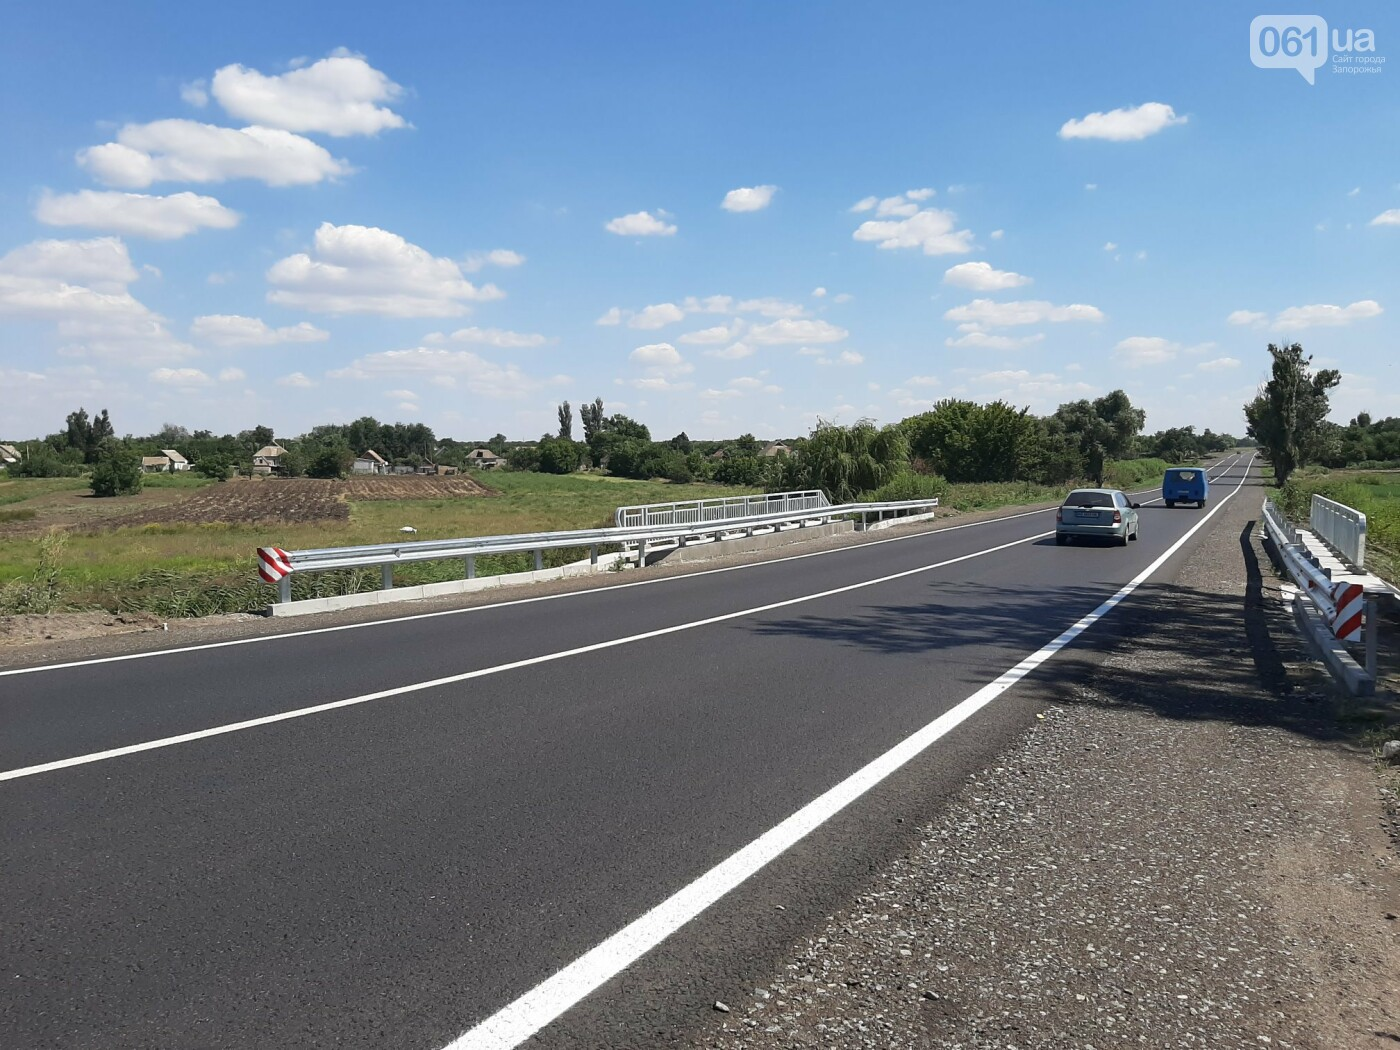 В Запорожской области на трассе Васильевка-Бердянск отремонтировали 12-метровый мост , фото-1